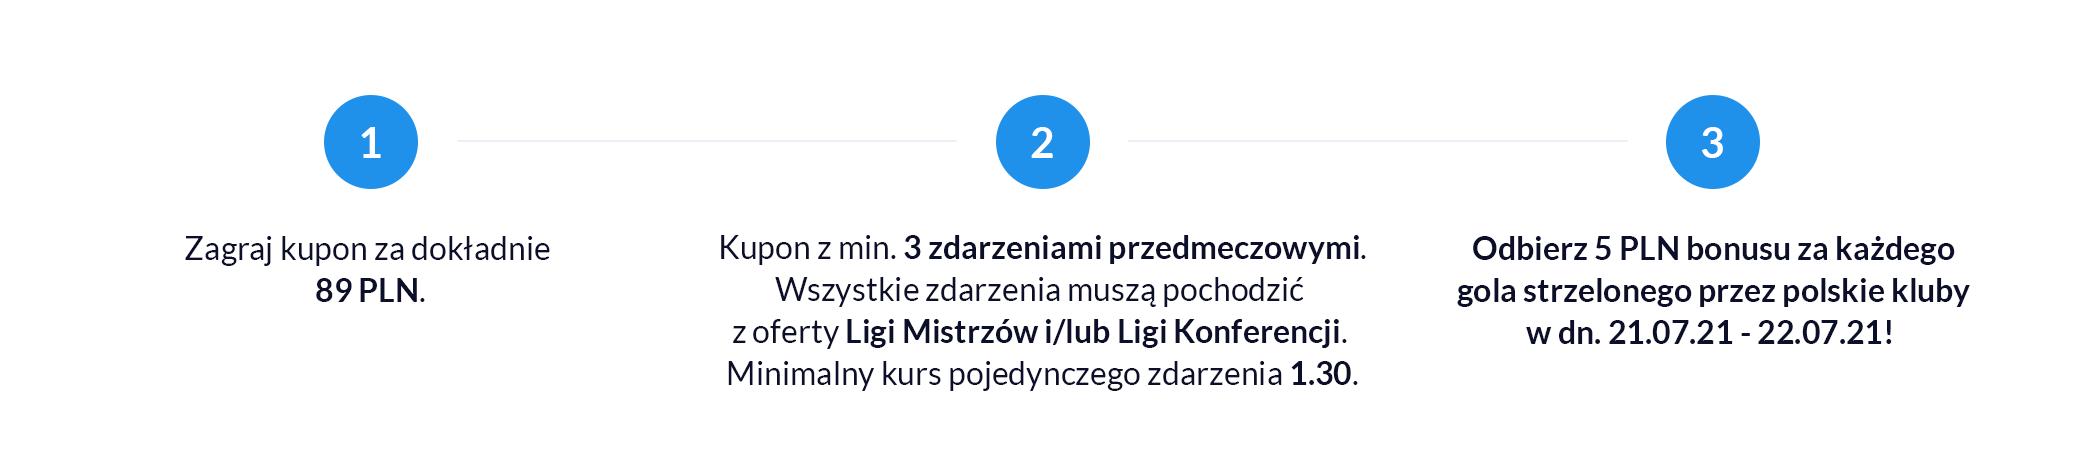 eu_stepper_3punkty_desktop.png